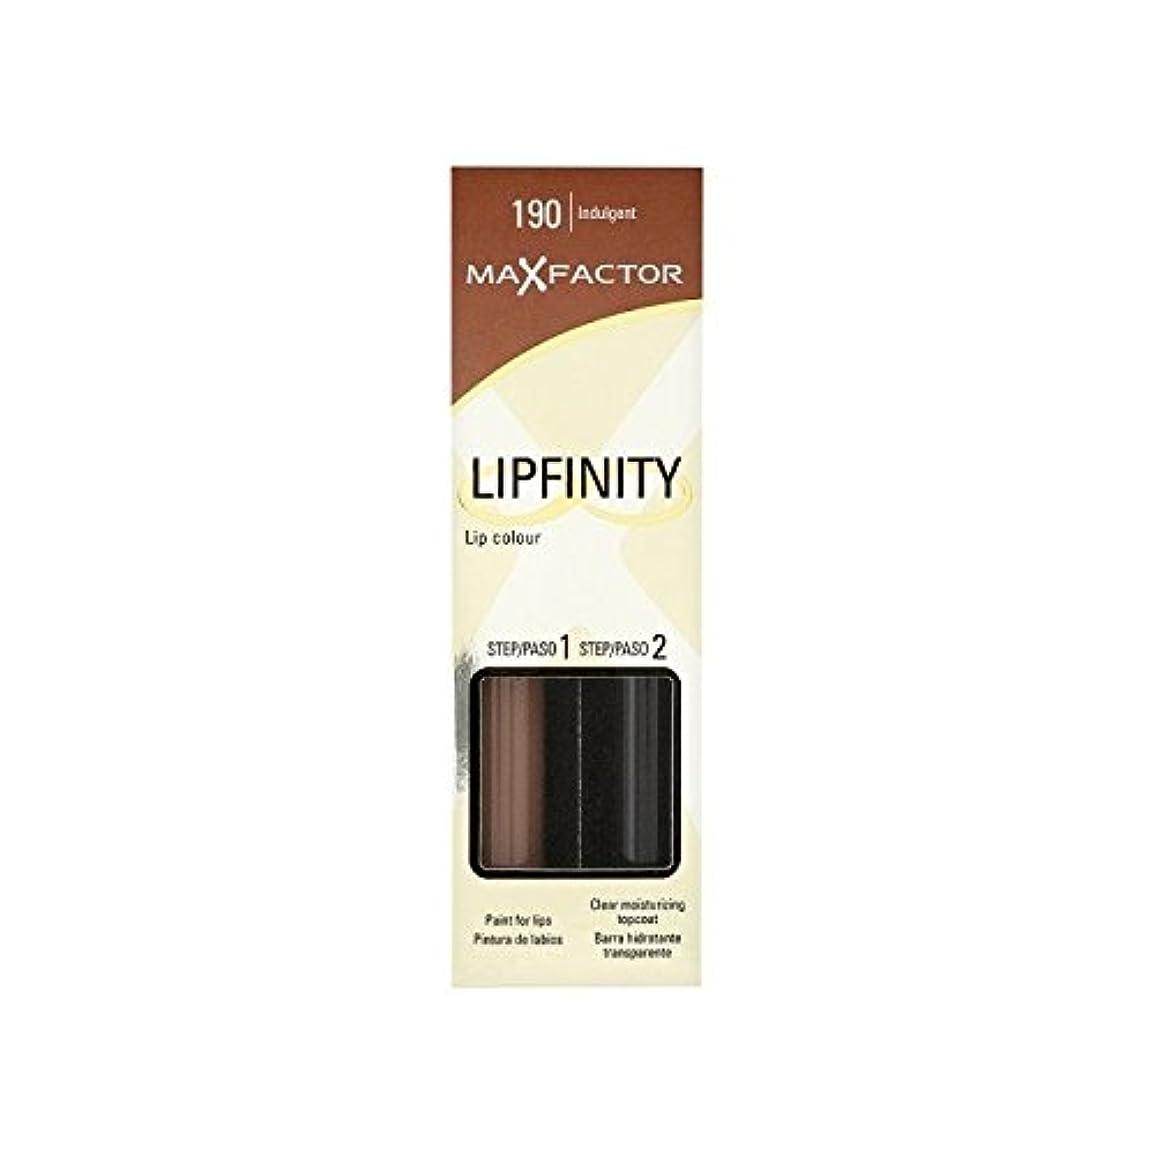 アラブ見えるクラウンMax Factor Lipfinity Longwear Lipstick Indulgent 190 (Pack of 6) - マックスファクターの口紅甘い190 x6 [並行輸入品]